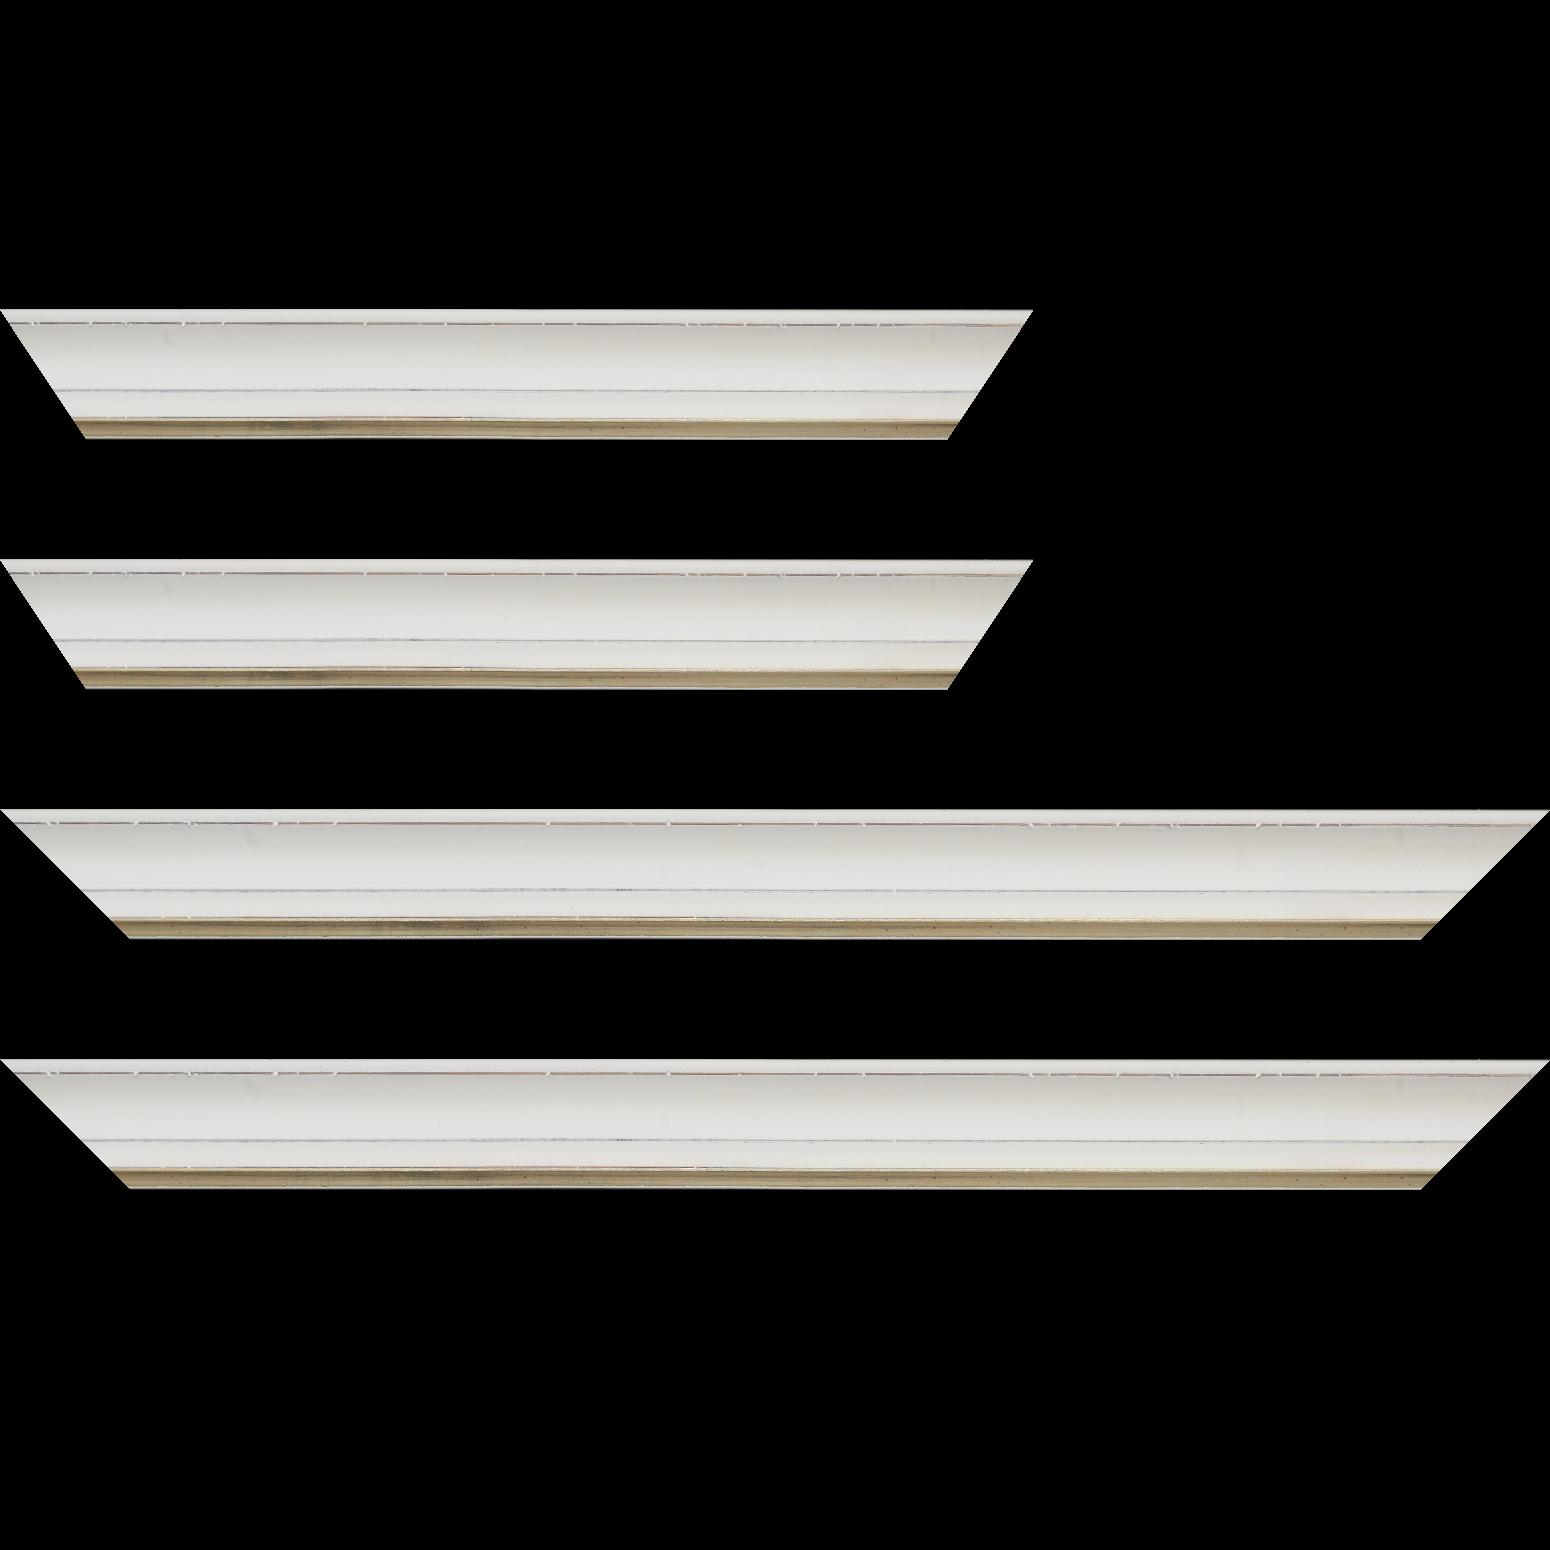 Baguette service précoupé Bois profil incurvé largeur 4.2cm couleur ivoire filet or fondu finition nature